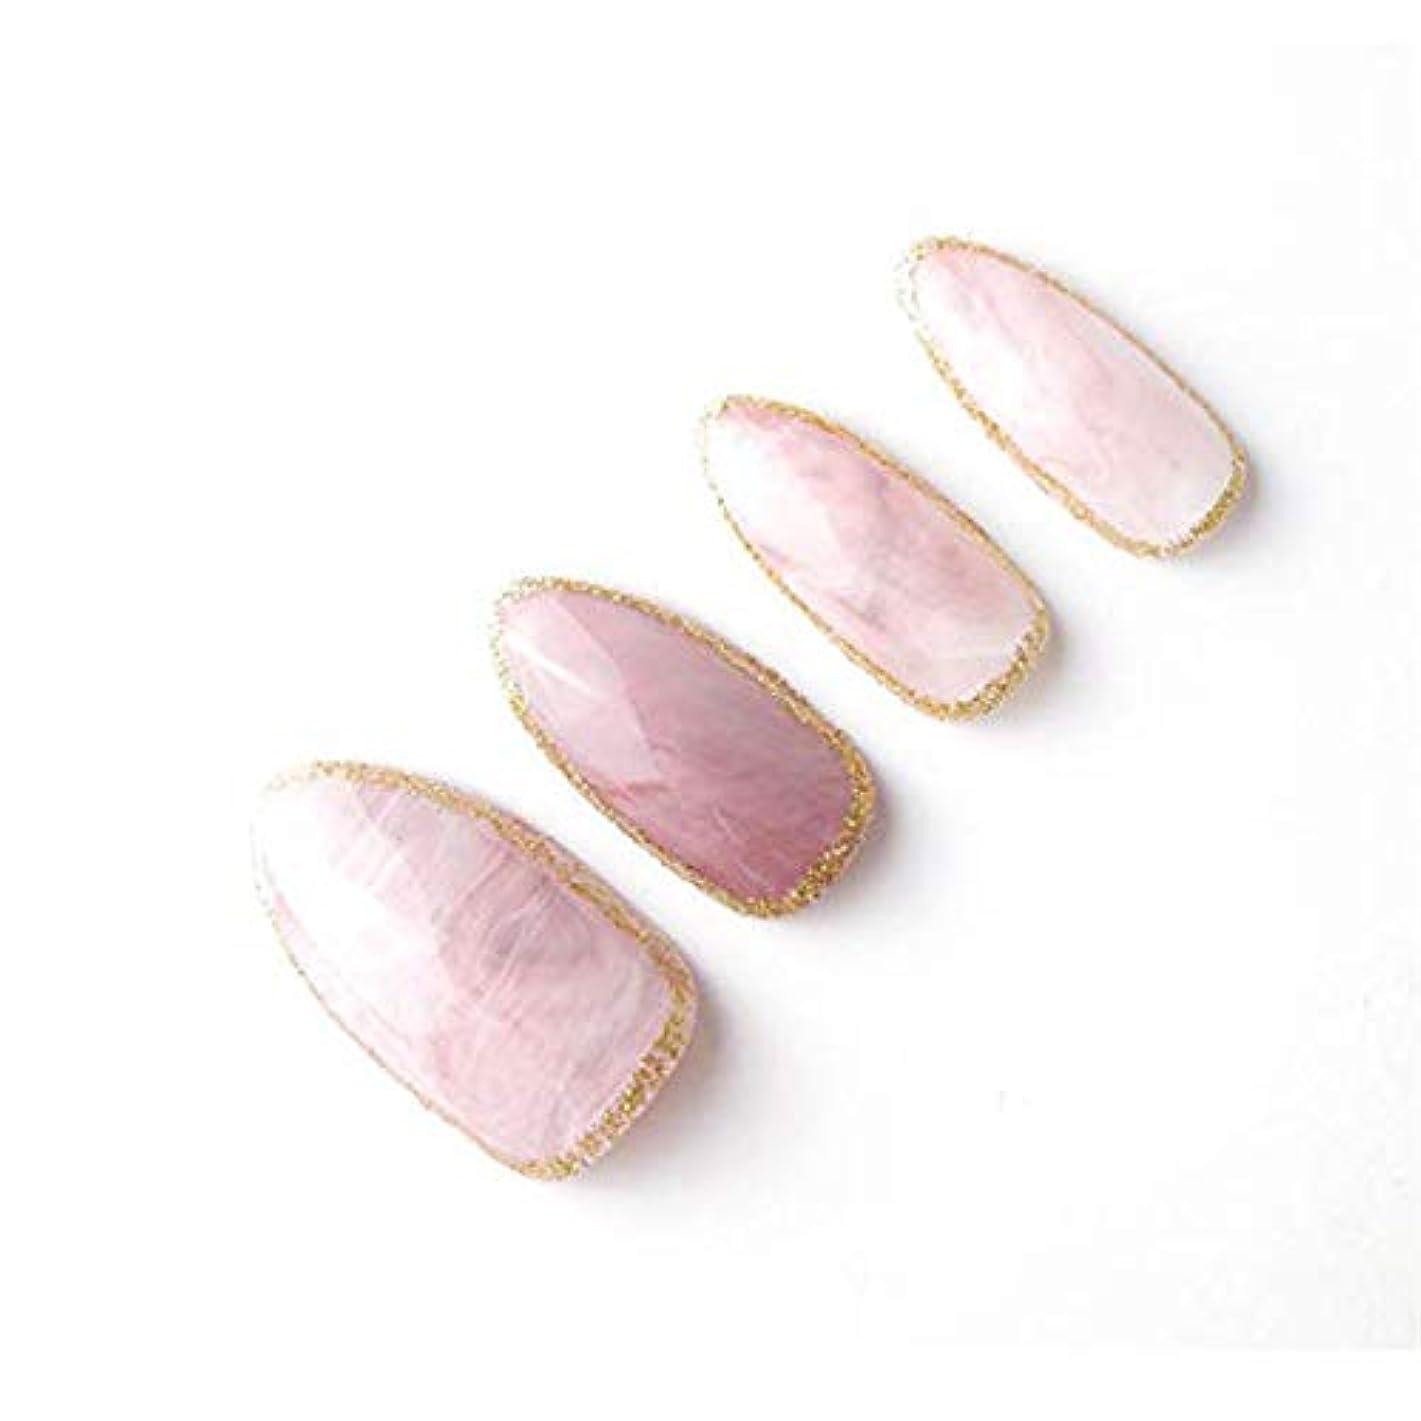 配当とげのある先見の明YuNail ネイルチップ 24枚 ピンク 石の質感 楕円形状 短い アクリル